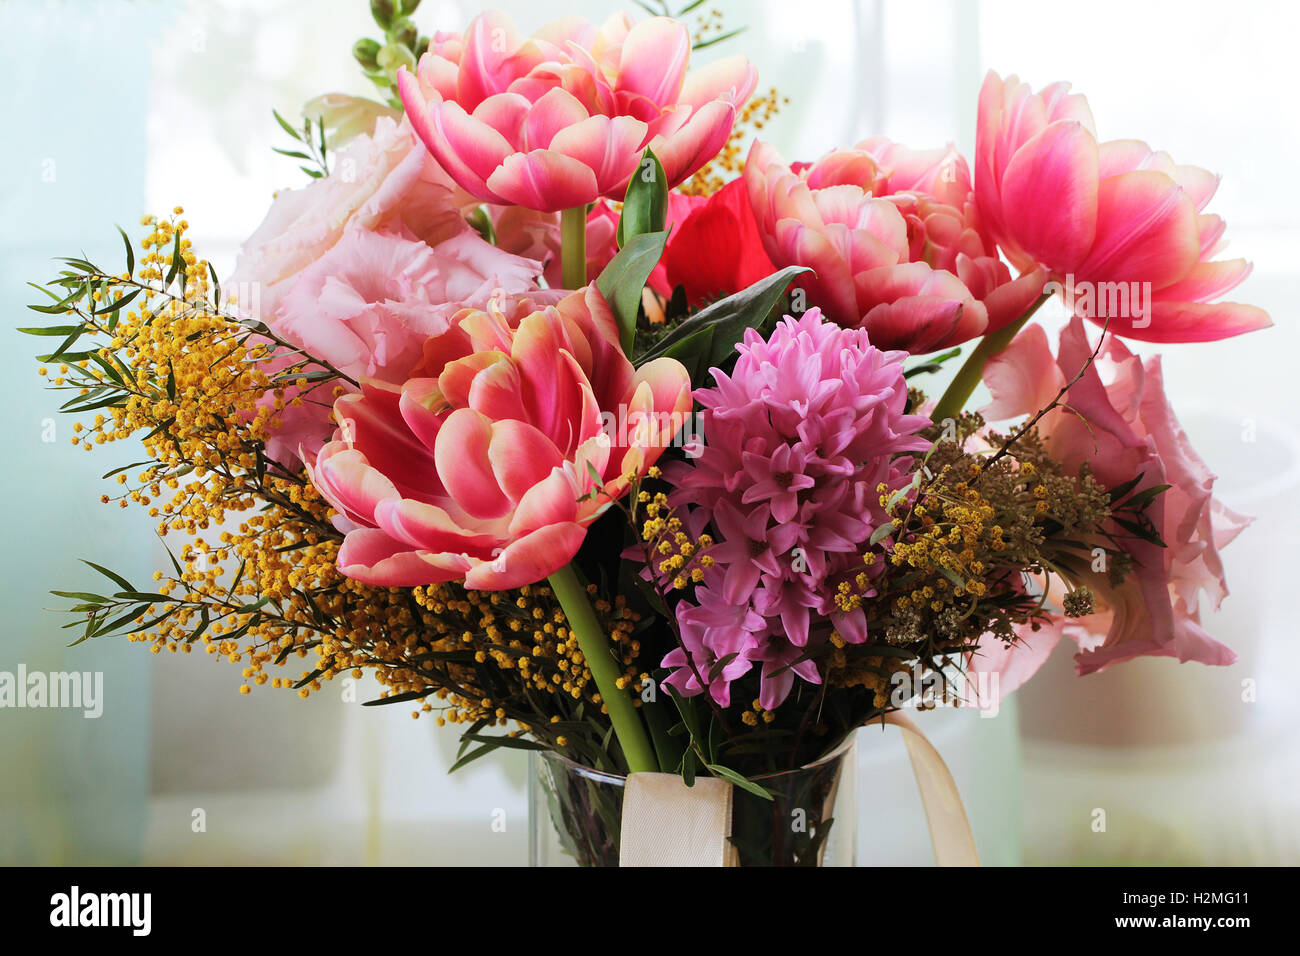 Different Color Flower Bouquet Stock Photos & Different Color Flower ...